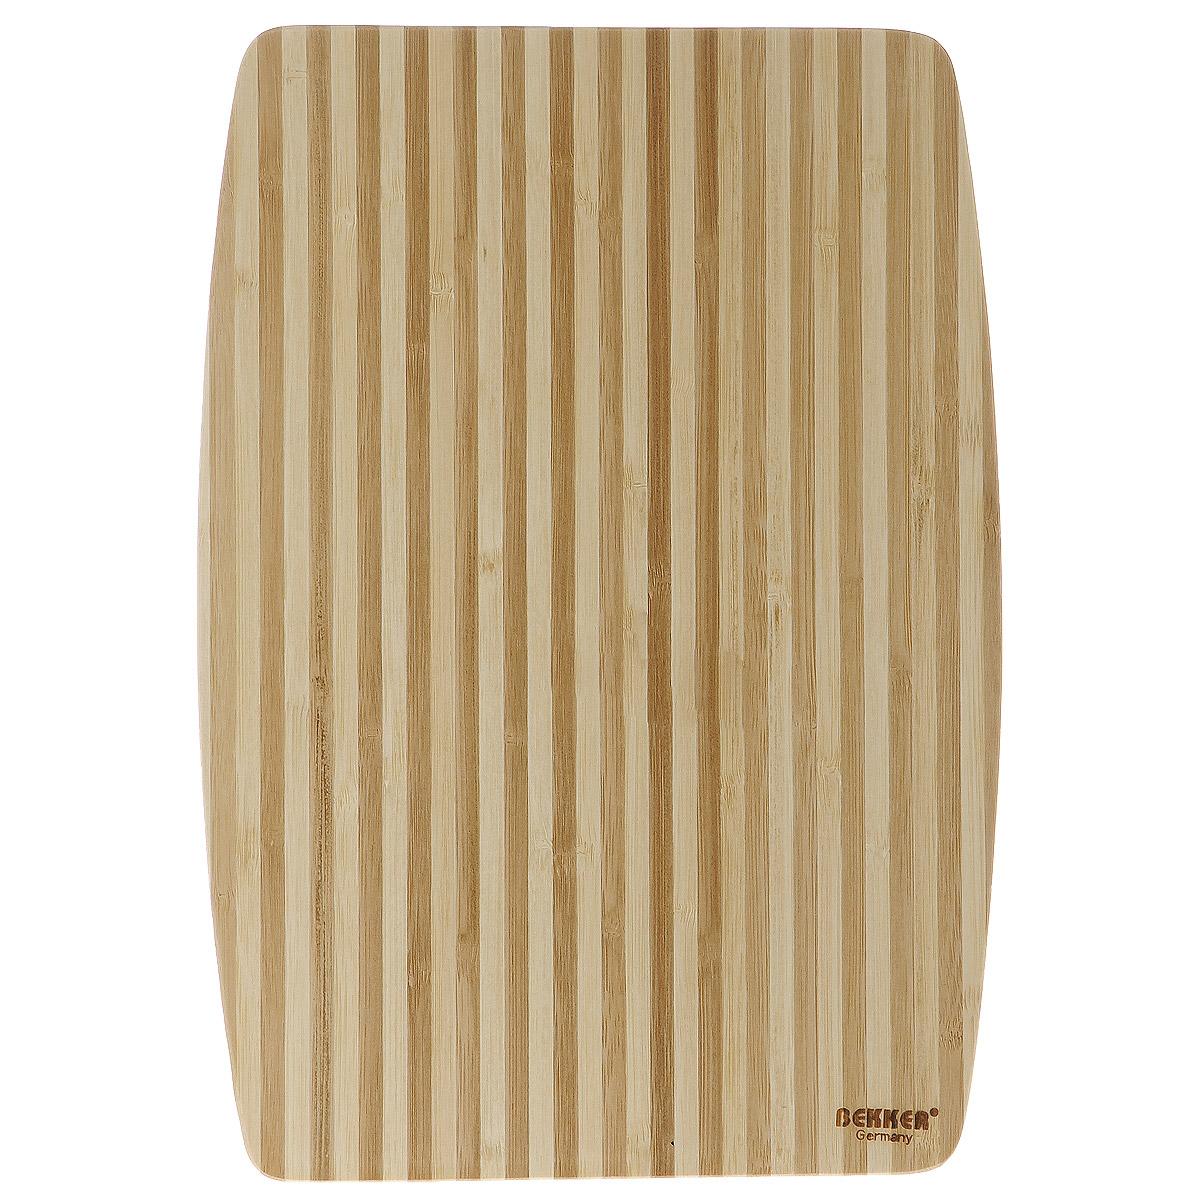 Доска разделочная Bekker, бамбуковая, 34 см х 24 см115510Прямоугольная разделочная доска Bekker изготовлена из высококачественной древесины темного и светлого бамбука, обладающей антибактериальными свойствами. Бамбук - инновационный материал, идеально подходящий для разделочных досок. Доски из бамбука обладают высокой плотностью структуры древесины, а также устойчивы к механическим воздействиям. Функциональная и простая в использовании, разделочная доска Bekker прекрасно впишется в интерьер любой кухни и прослужит вам долгие годы.